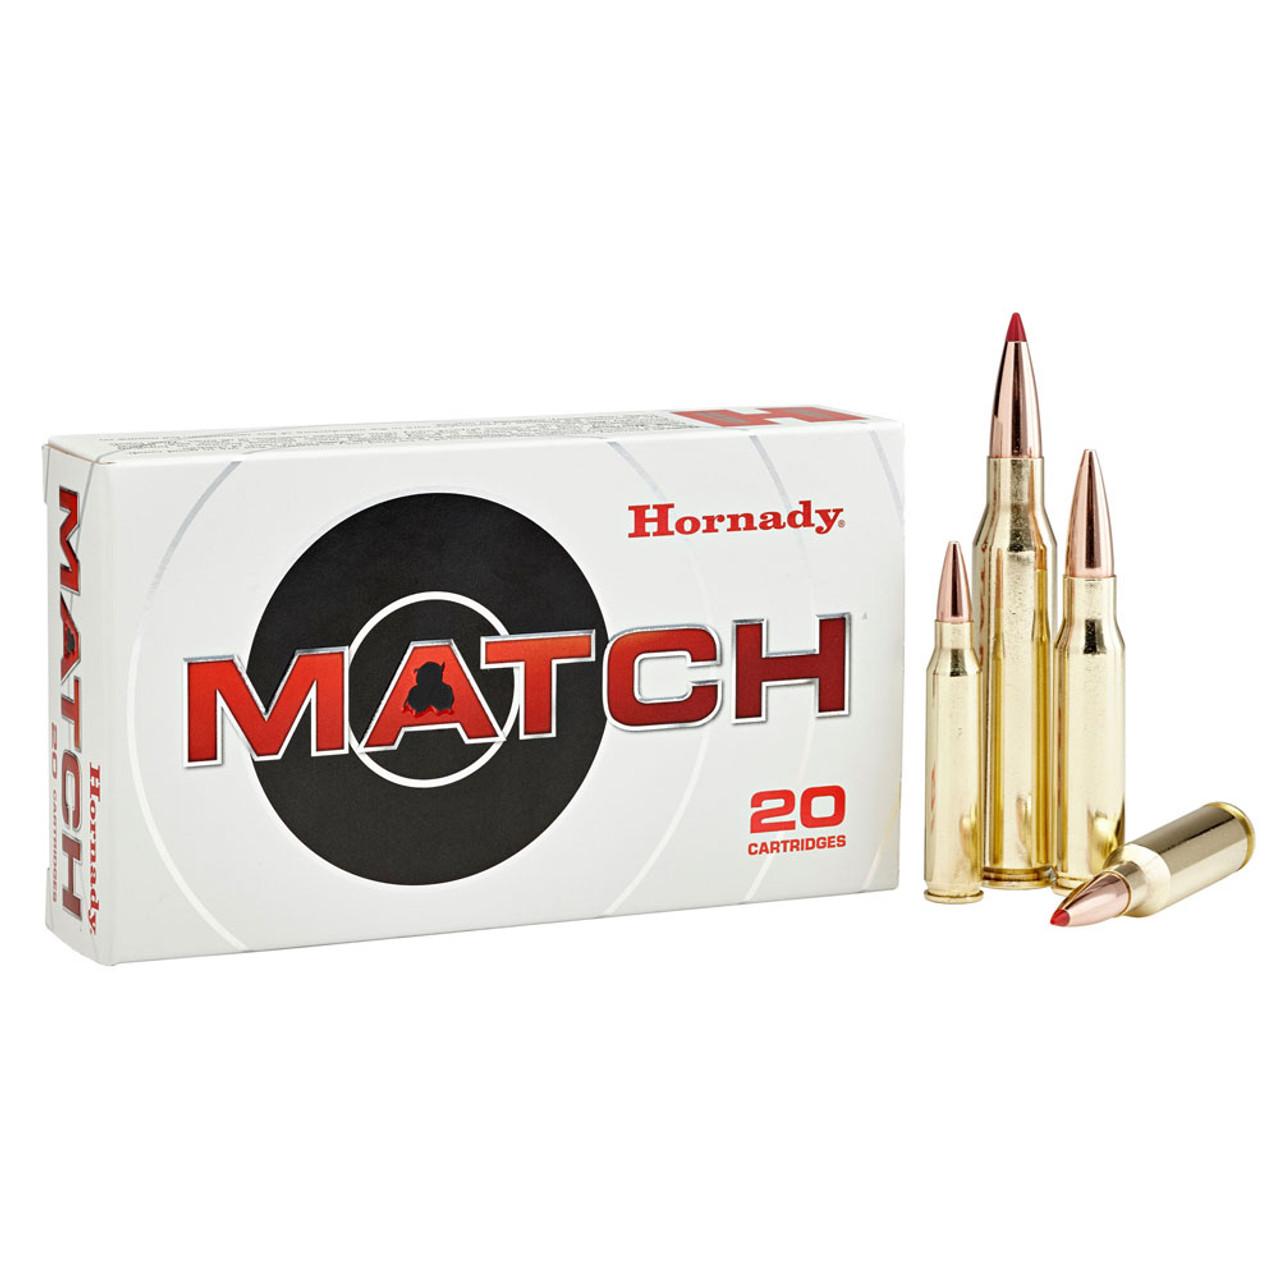 HORNADY Match 300 Win. Mag